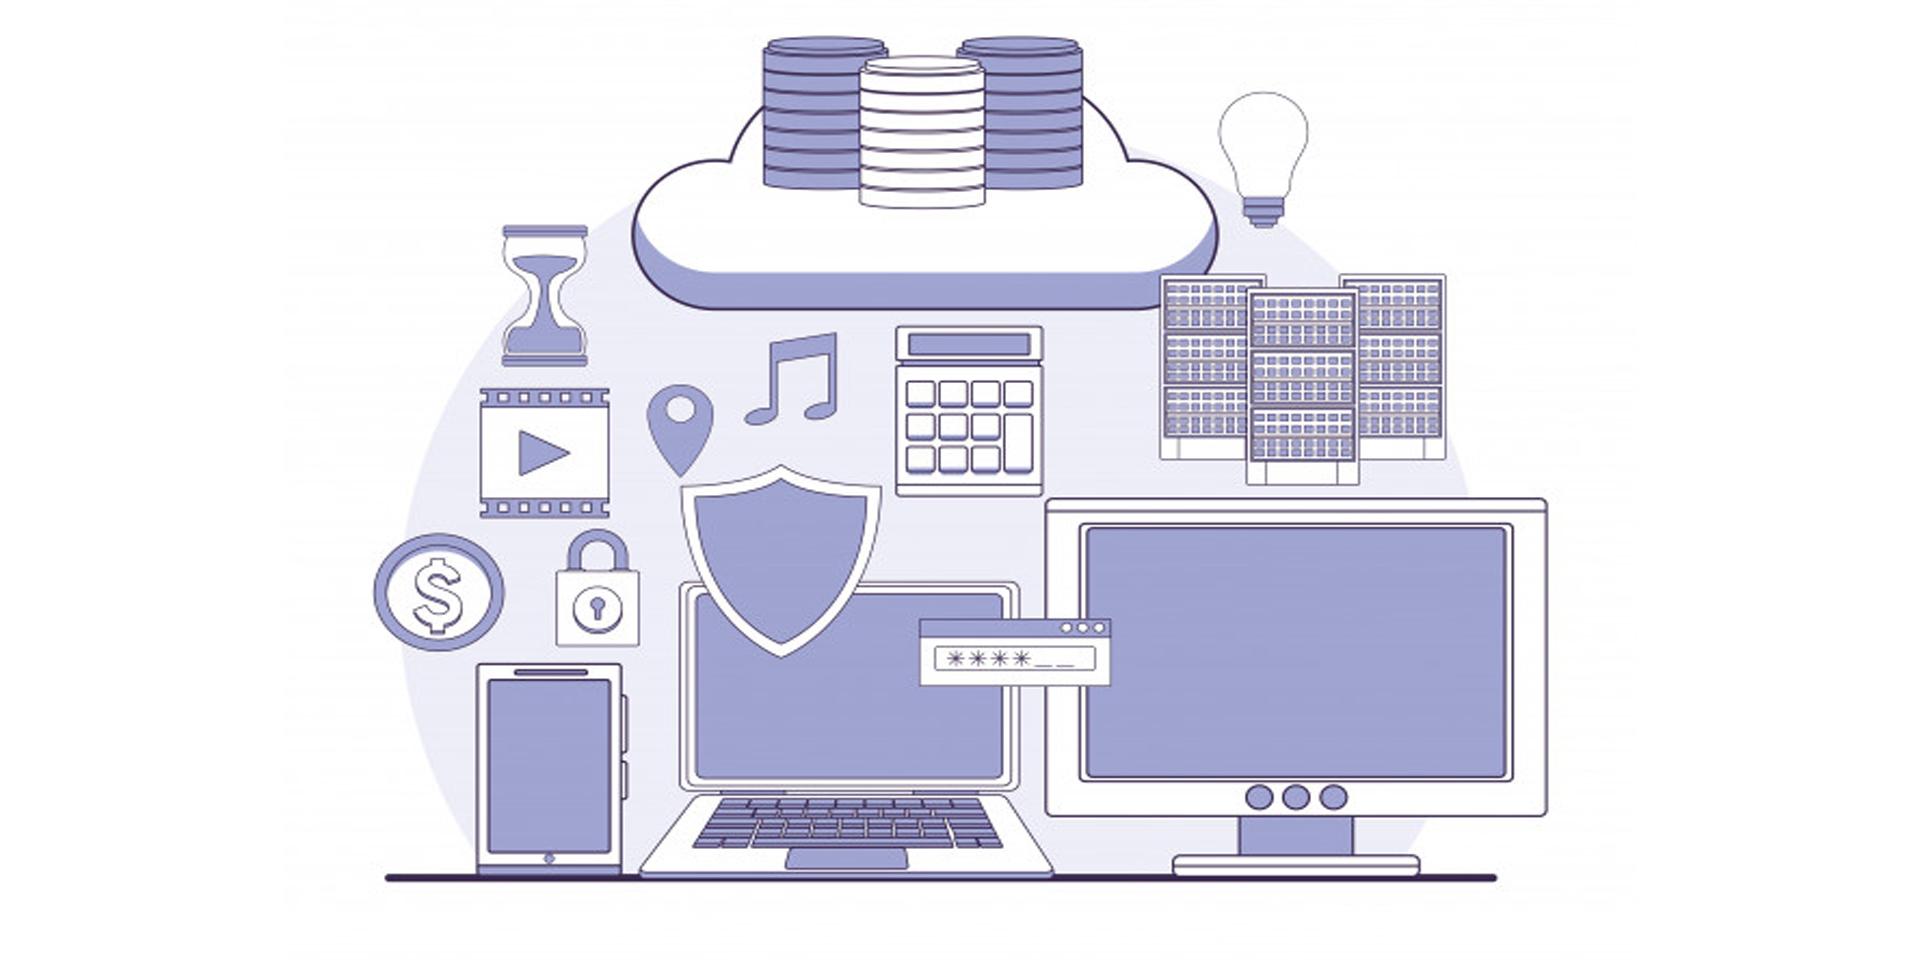 Mejores prácticas para organizar los archivos y carpetas comerciales facilemente